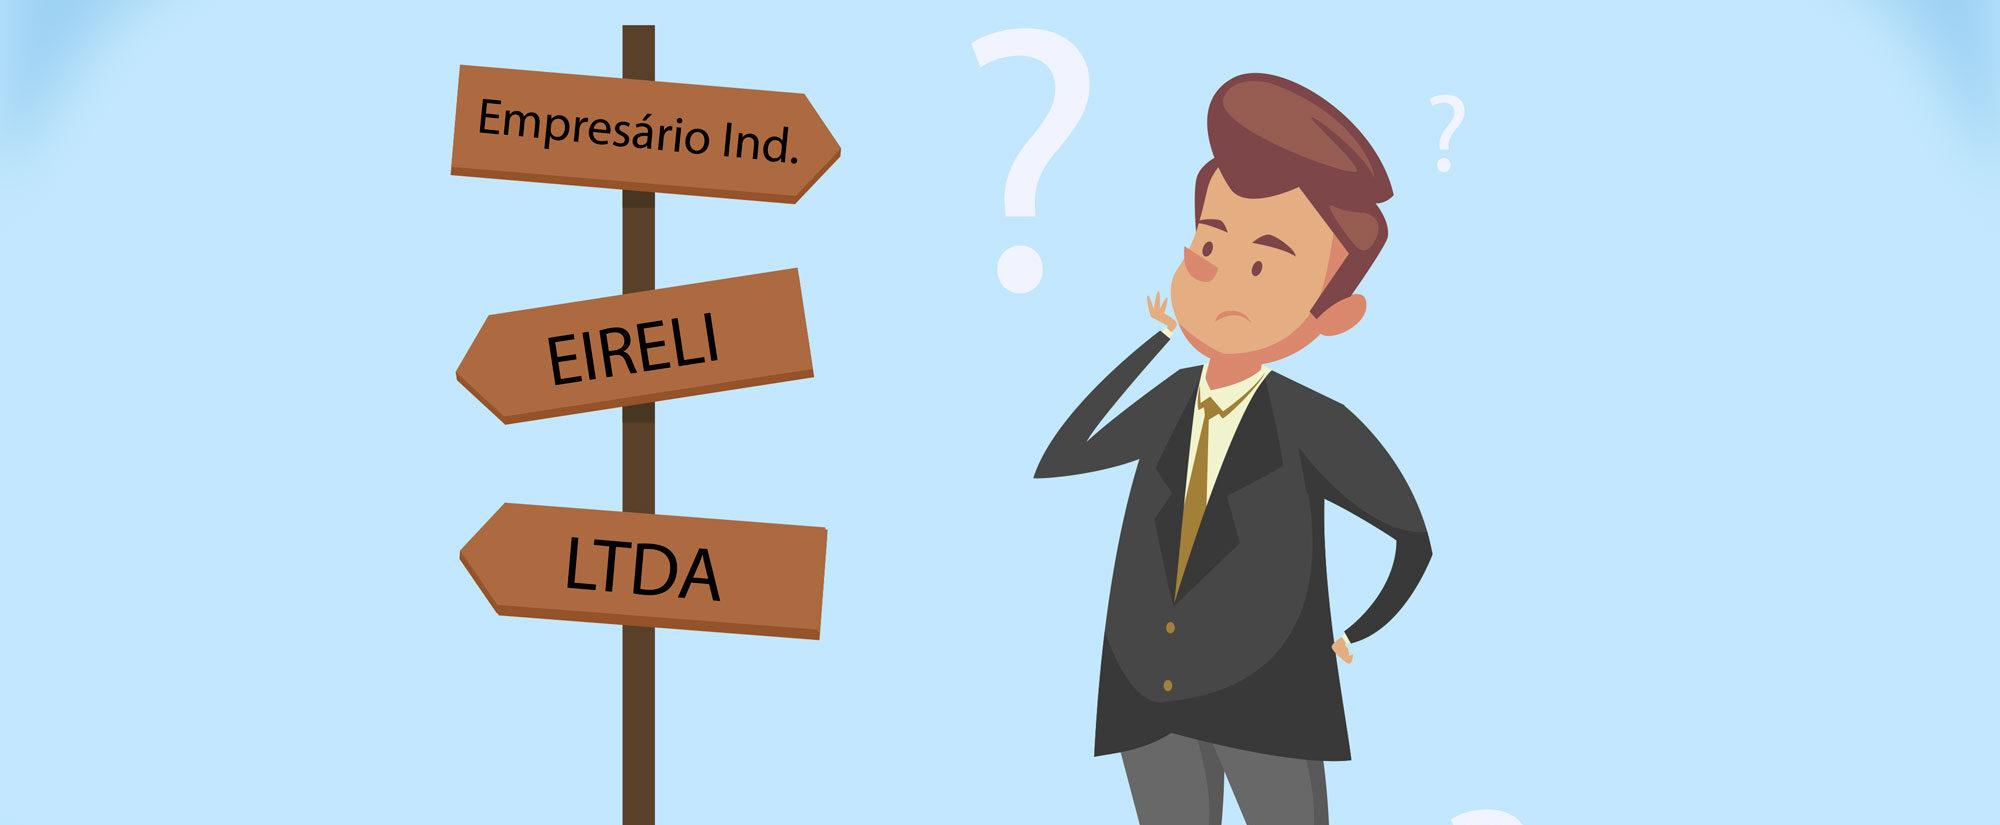 Quero ser empresário, basta abrir uma empresa?